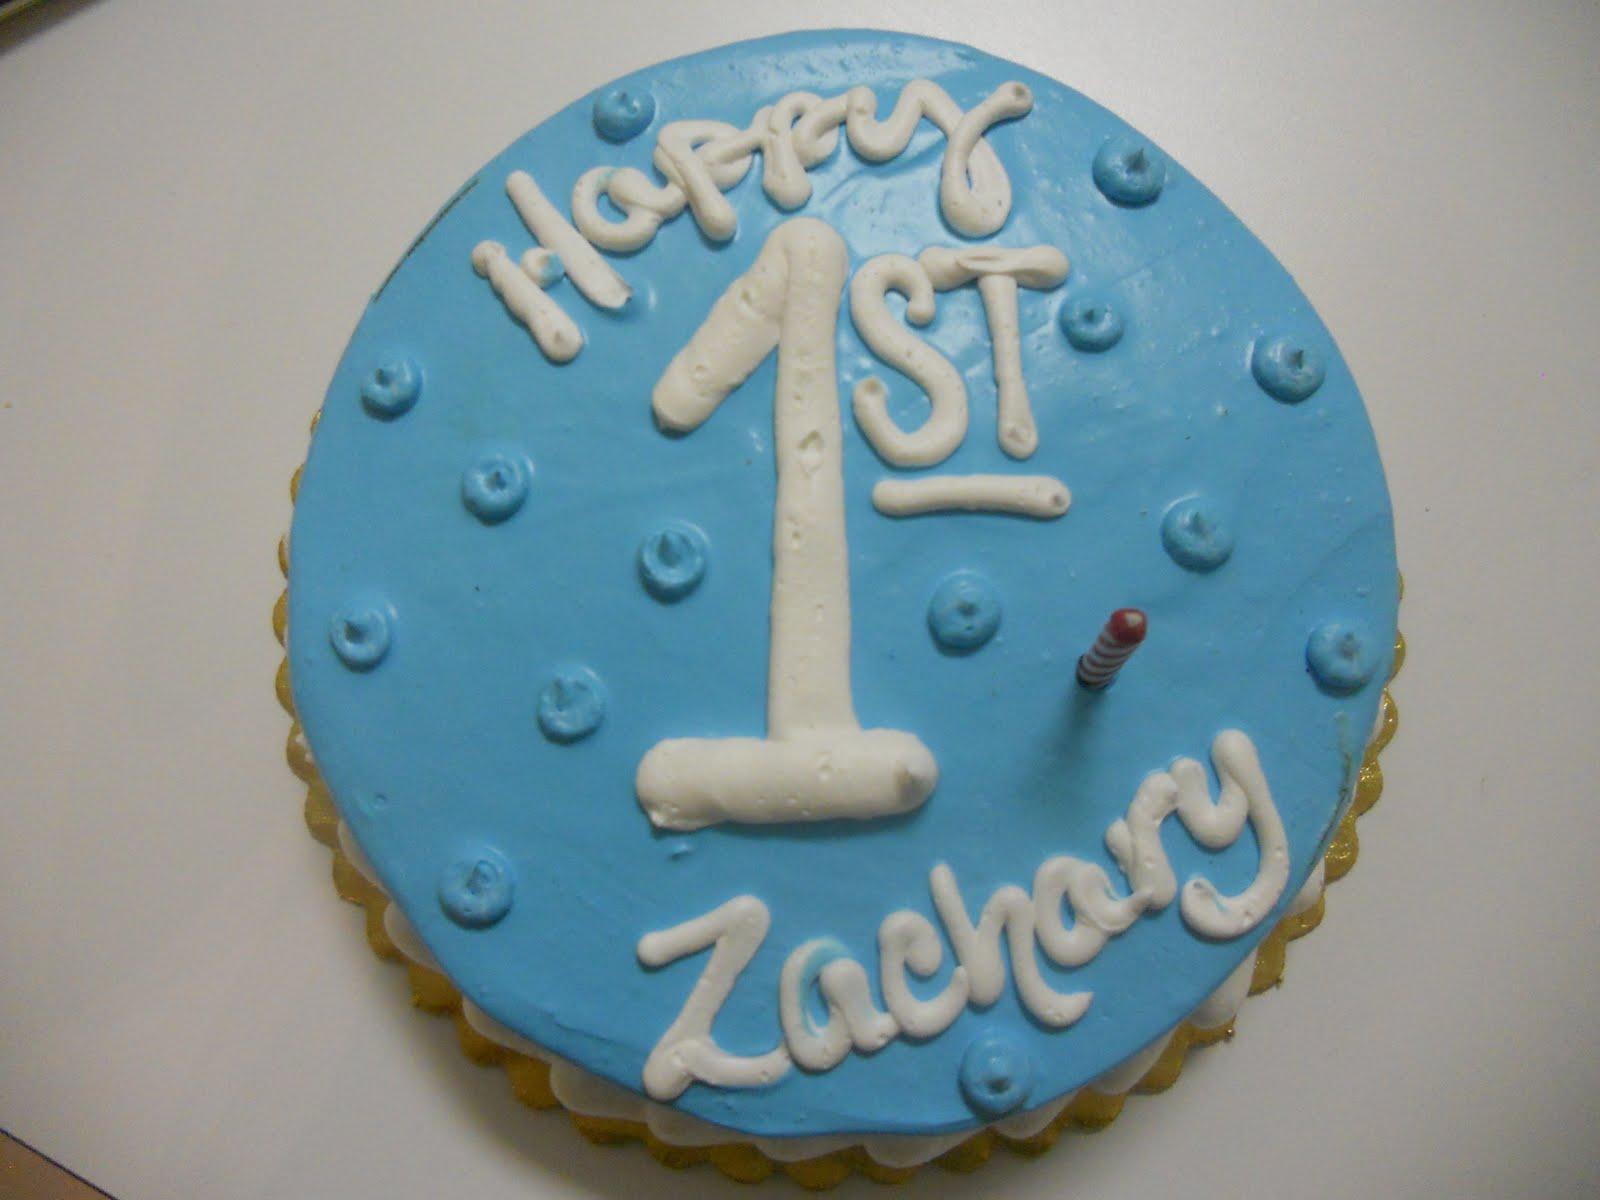 The Robbins Family Happy 1st Birthday Zachary